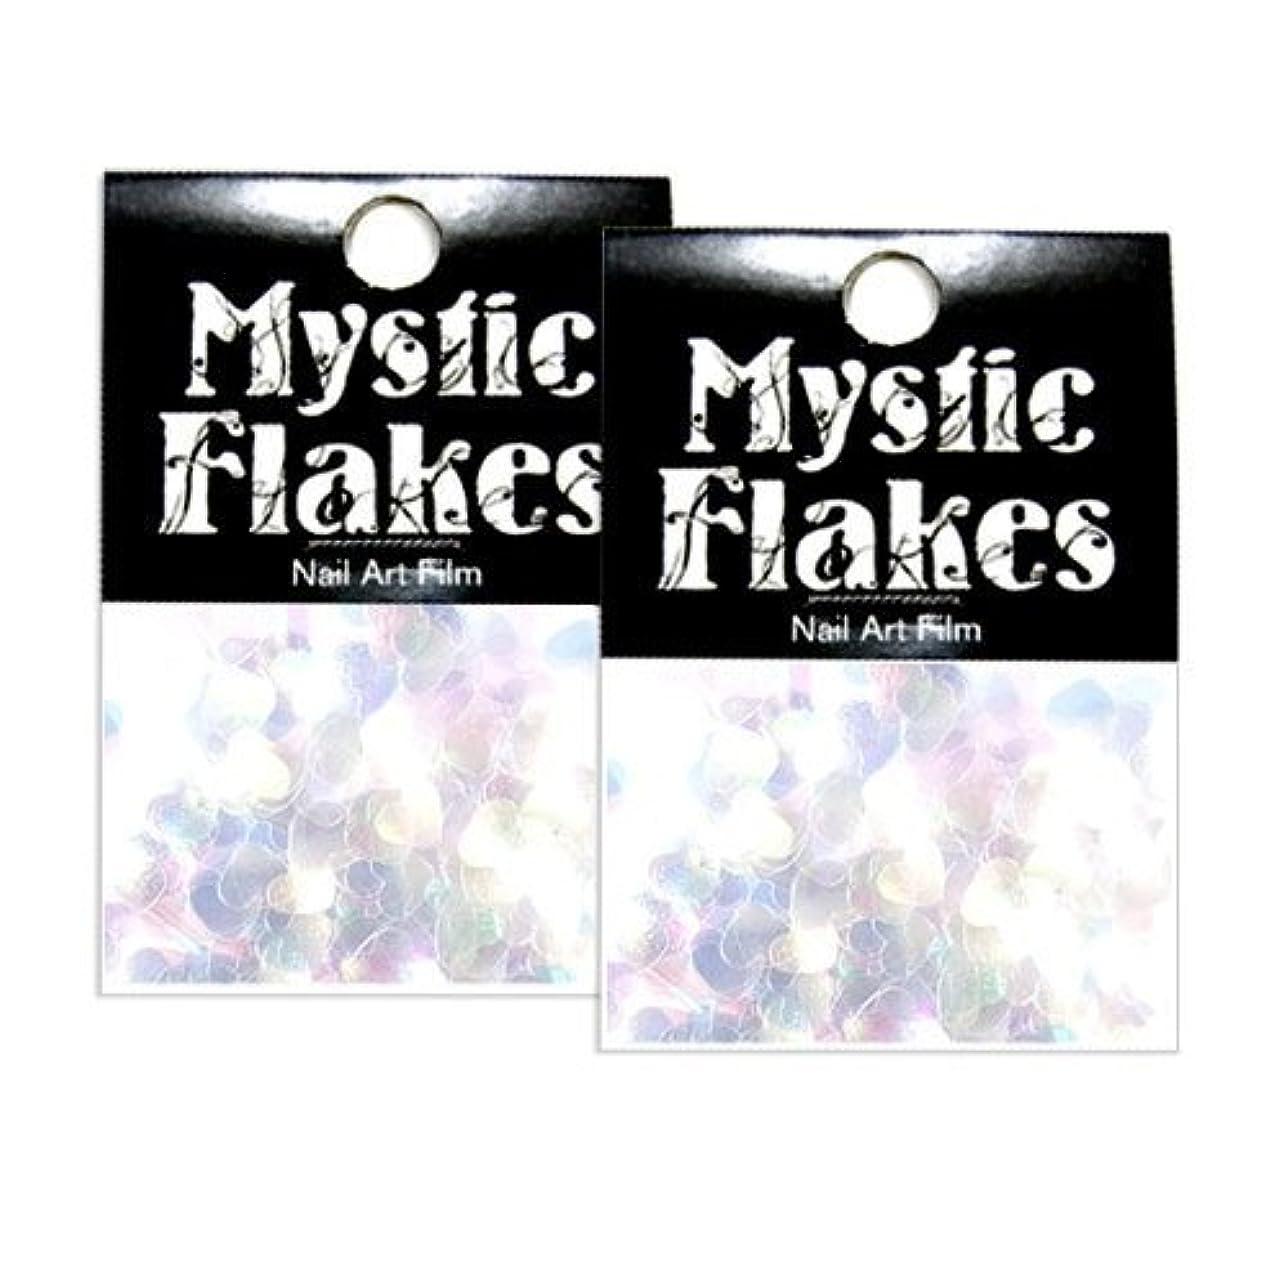 物質単に靄ミスティックフレース ネイル用ストーン オーロラホワイト ミニハート 0.5g 2個セット